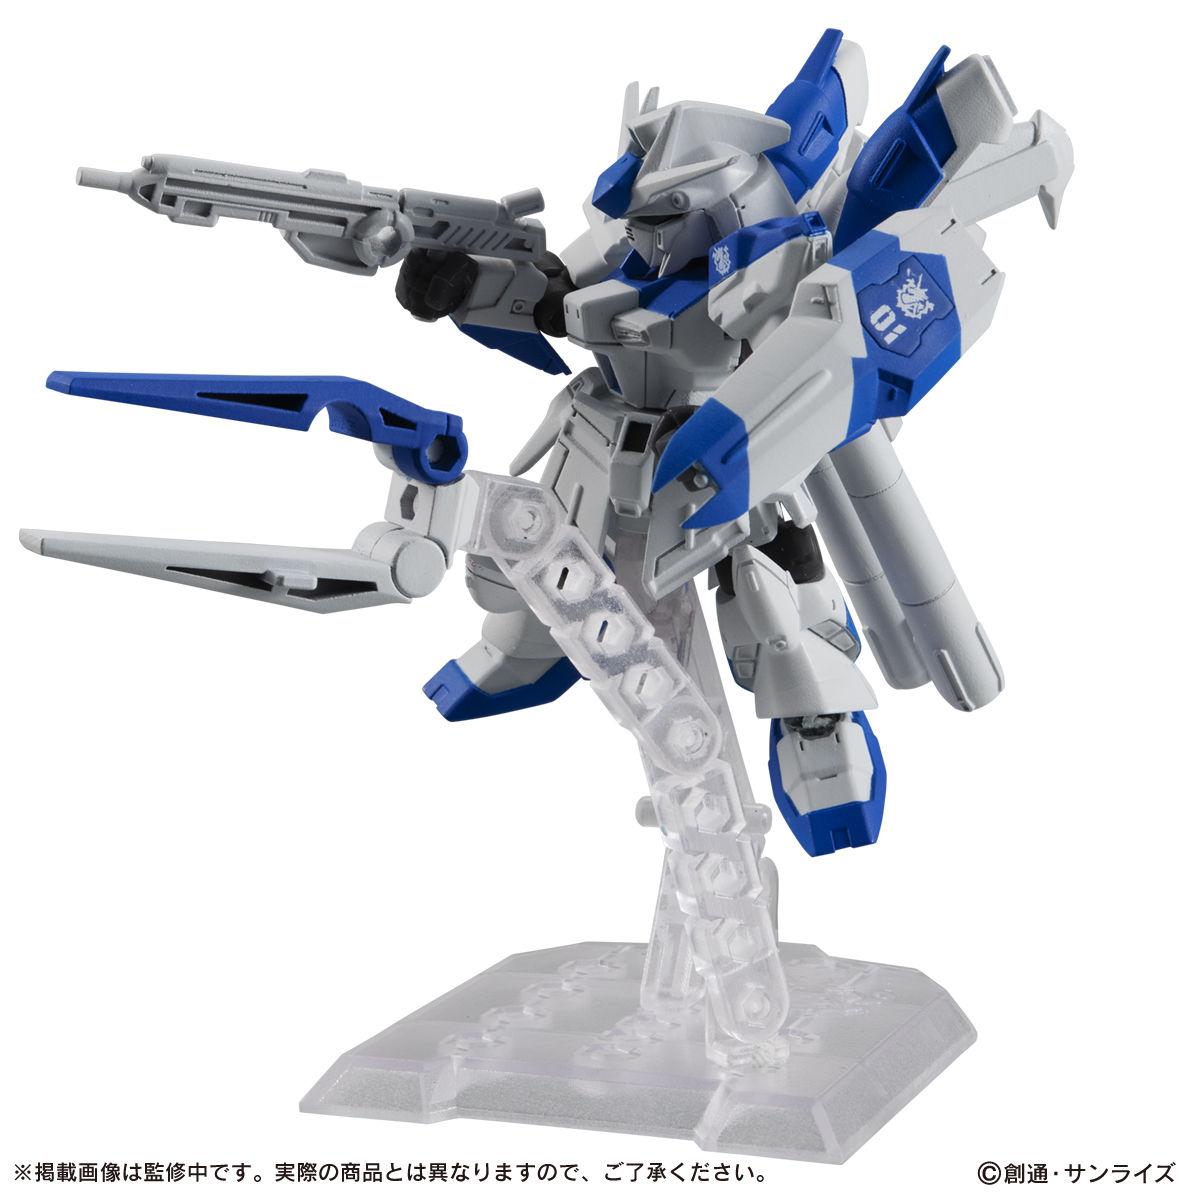 【限定販売】MOBILE SUIT ENSEMBLE『EX27 Hi-νガンダムセット』デフォルメ可動フィギュア-004